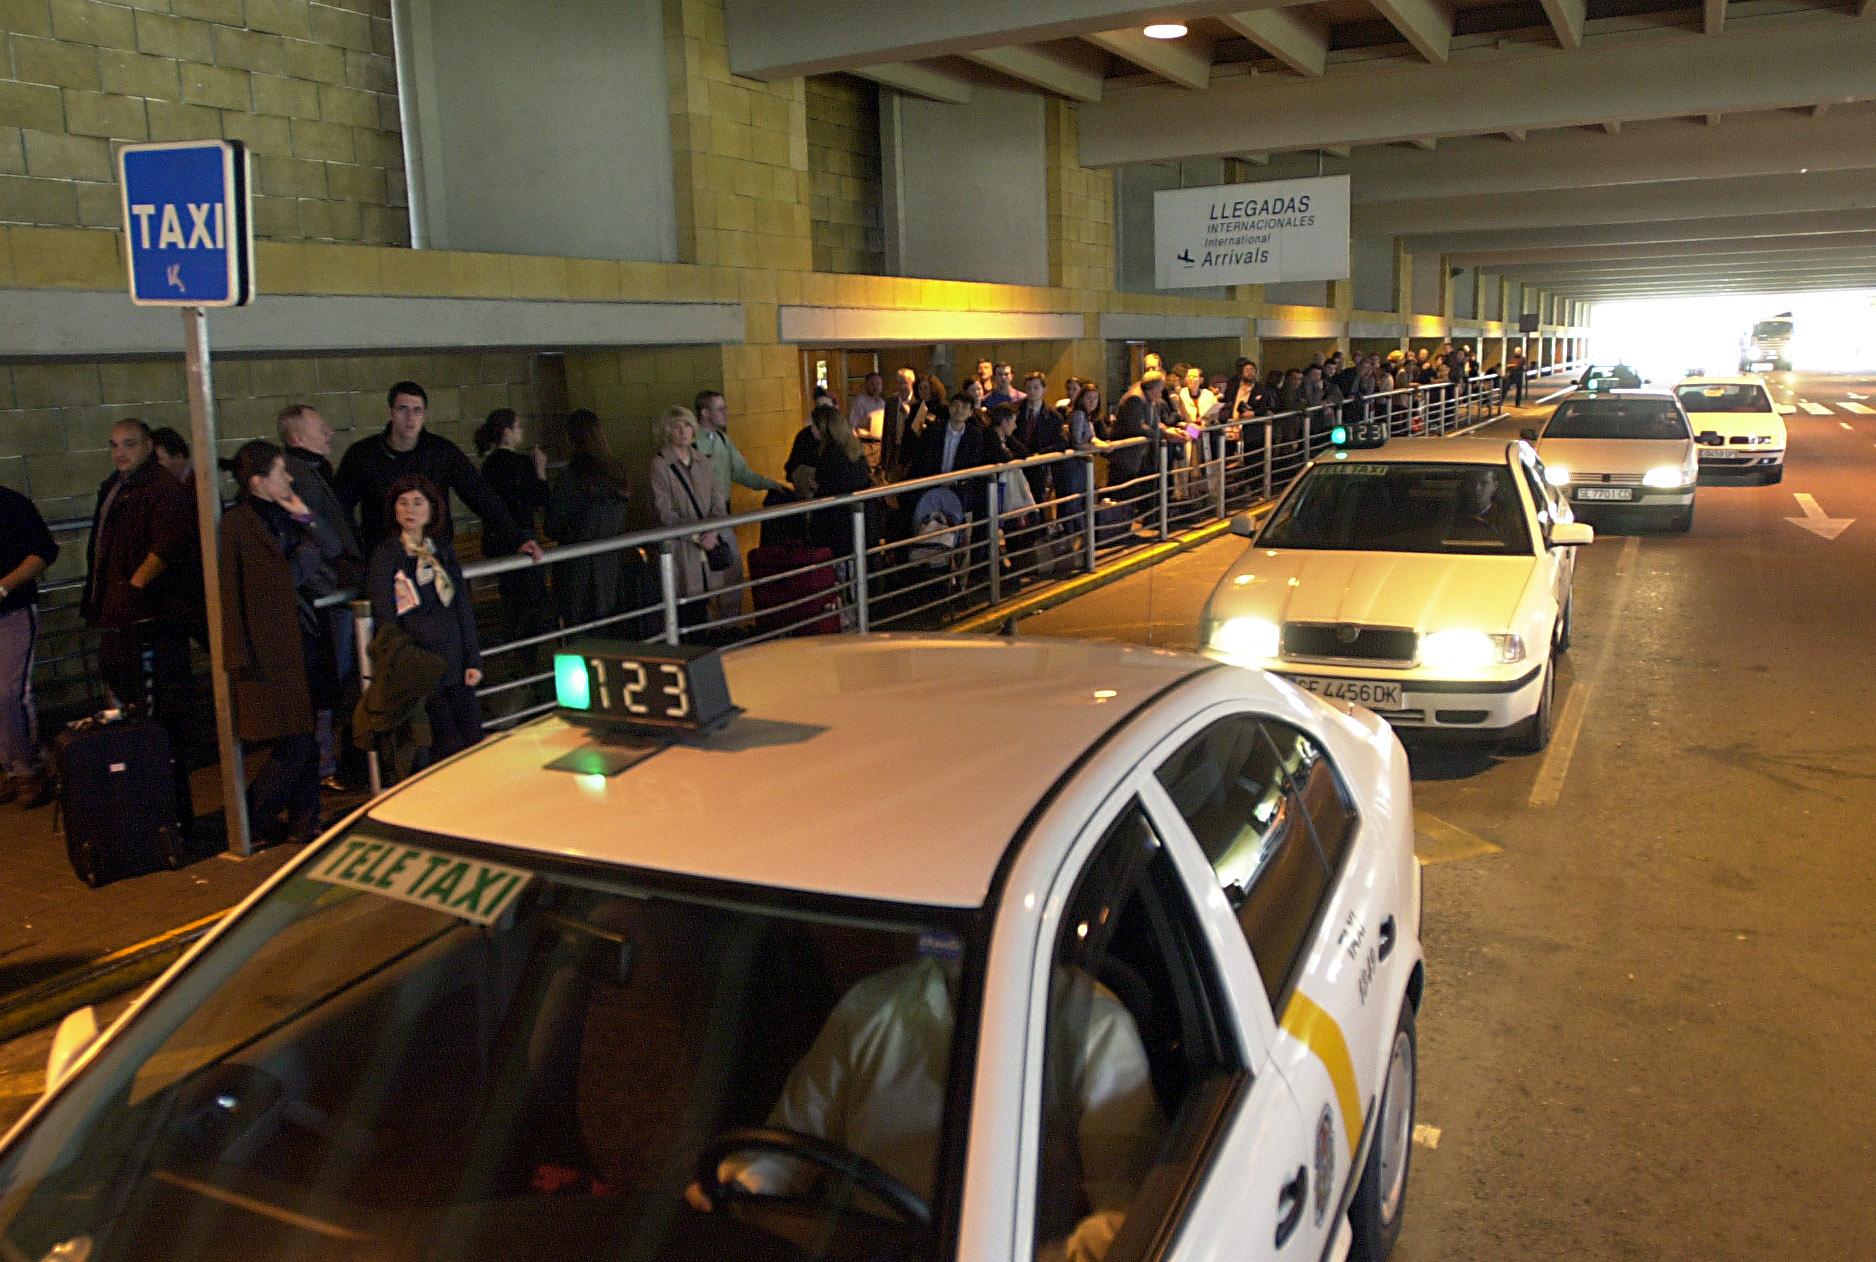 Parada de taxis en el Aeropuerto de Sevilla